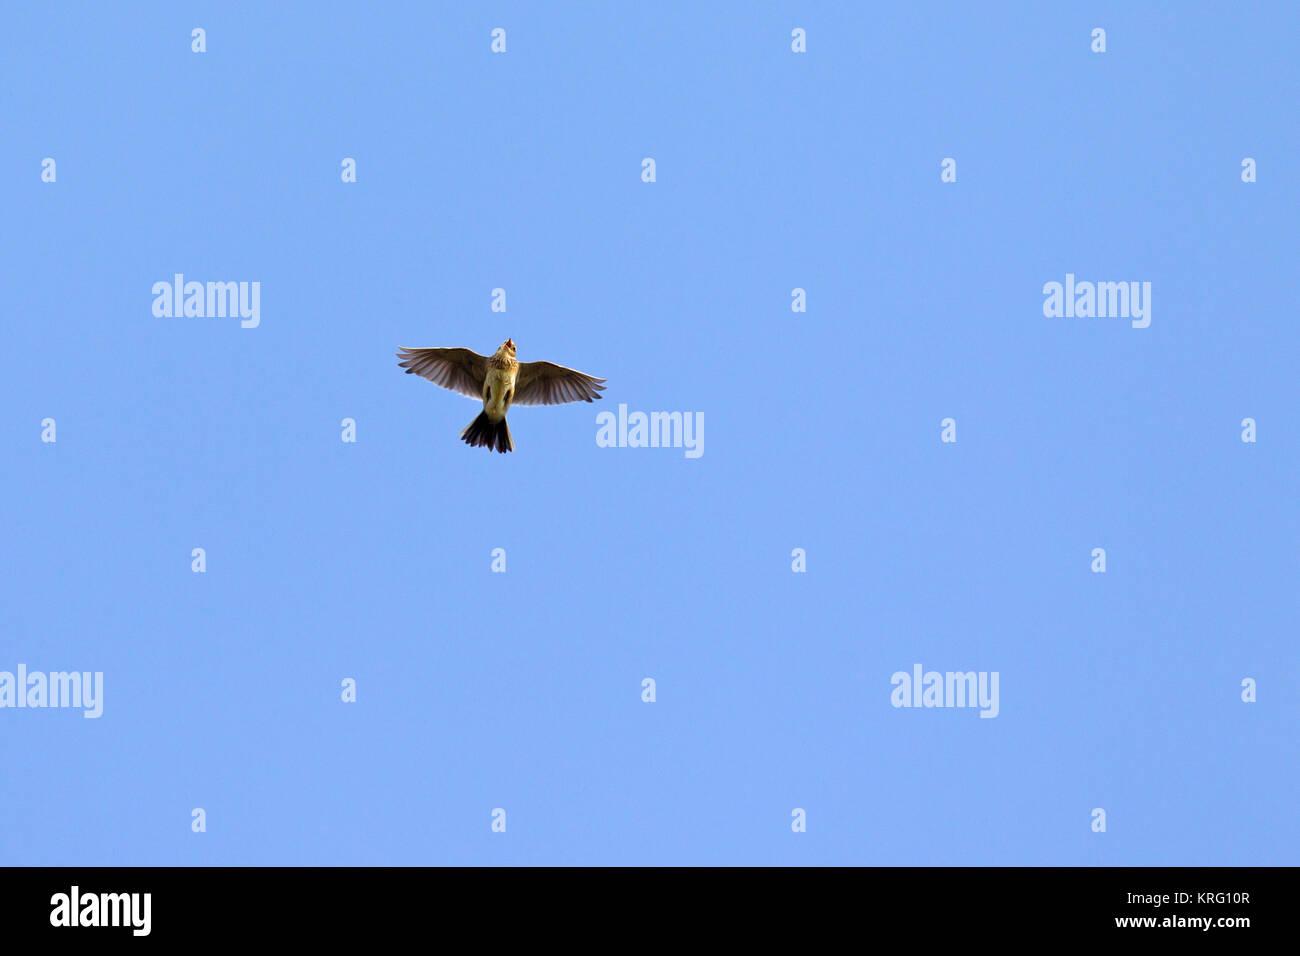 Singing Eurasian skylark / common skylark (Alauda arvensis) in flight against blue sky - Stock Image